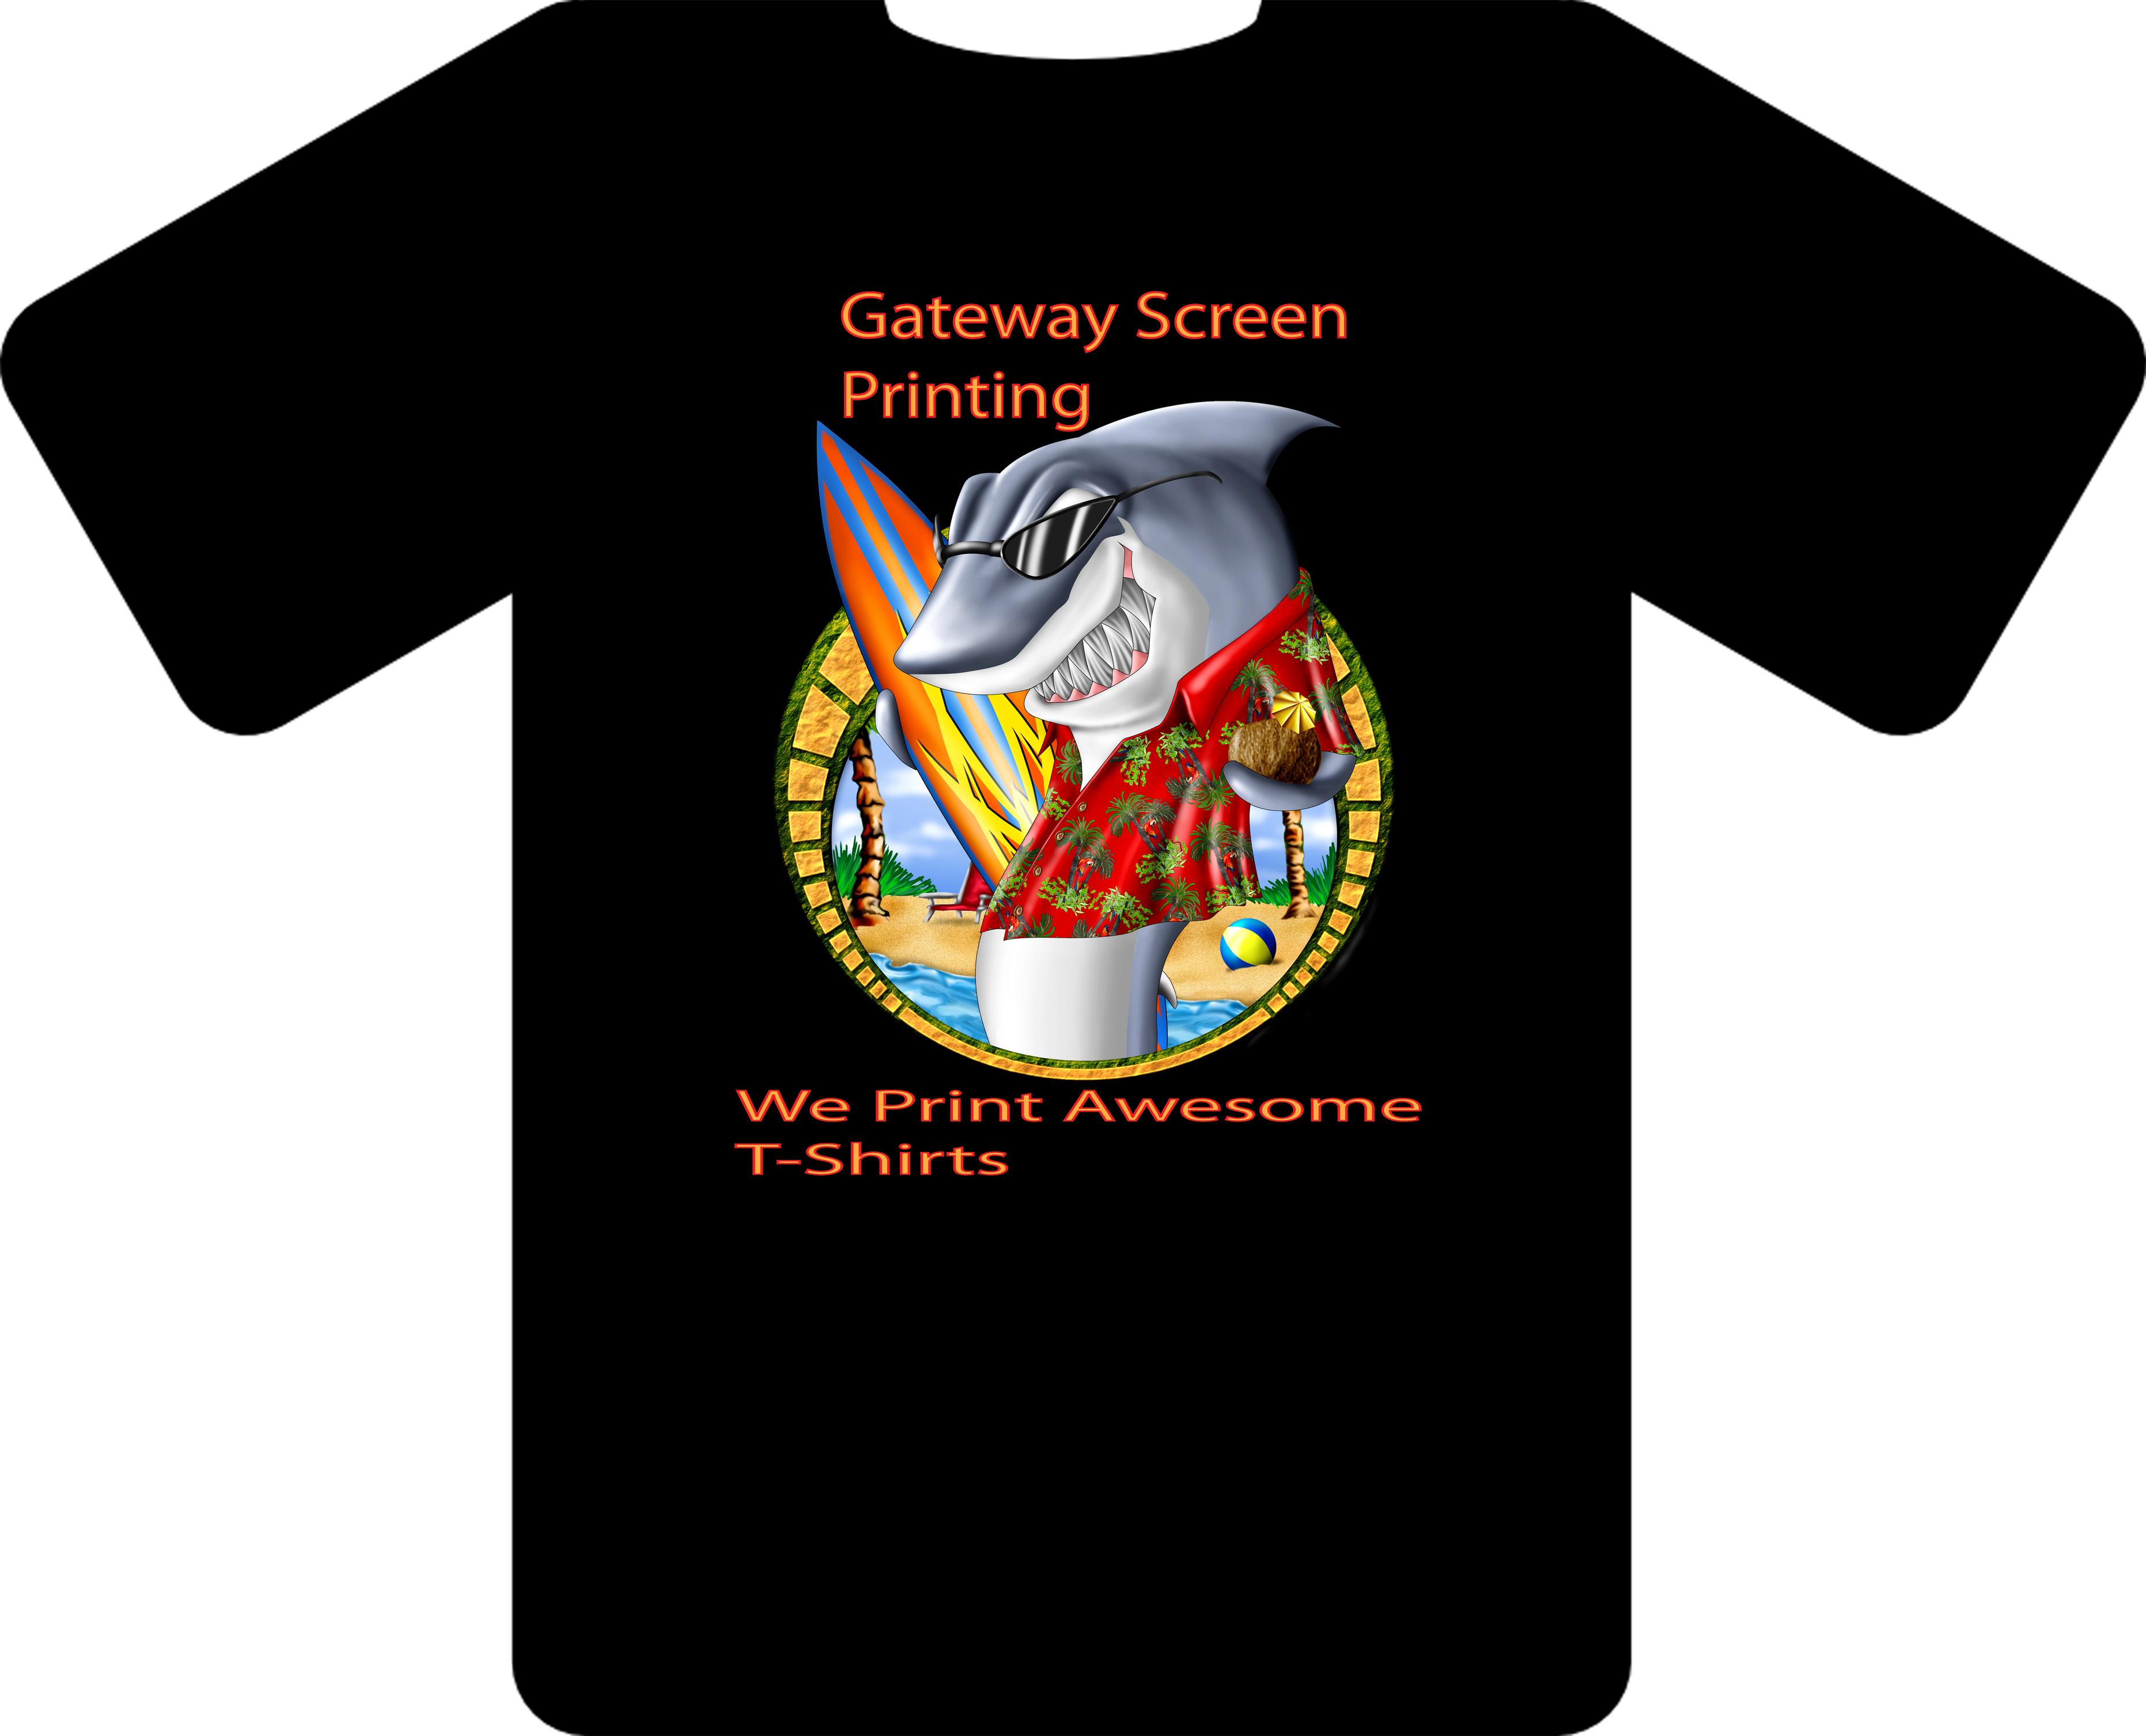 Gateway screen printing in ballwin mo 314 757 6350 for T shirt screen printing phoenix